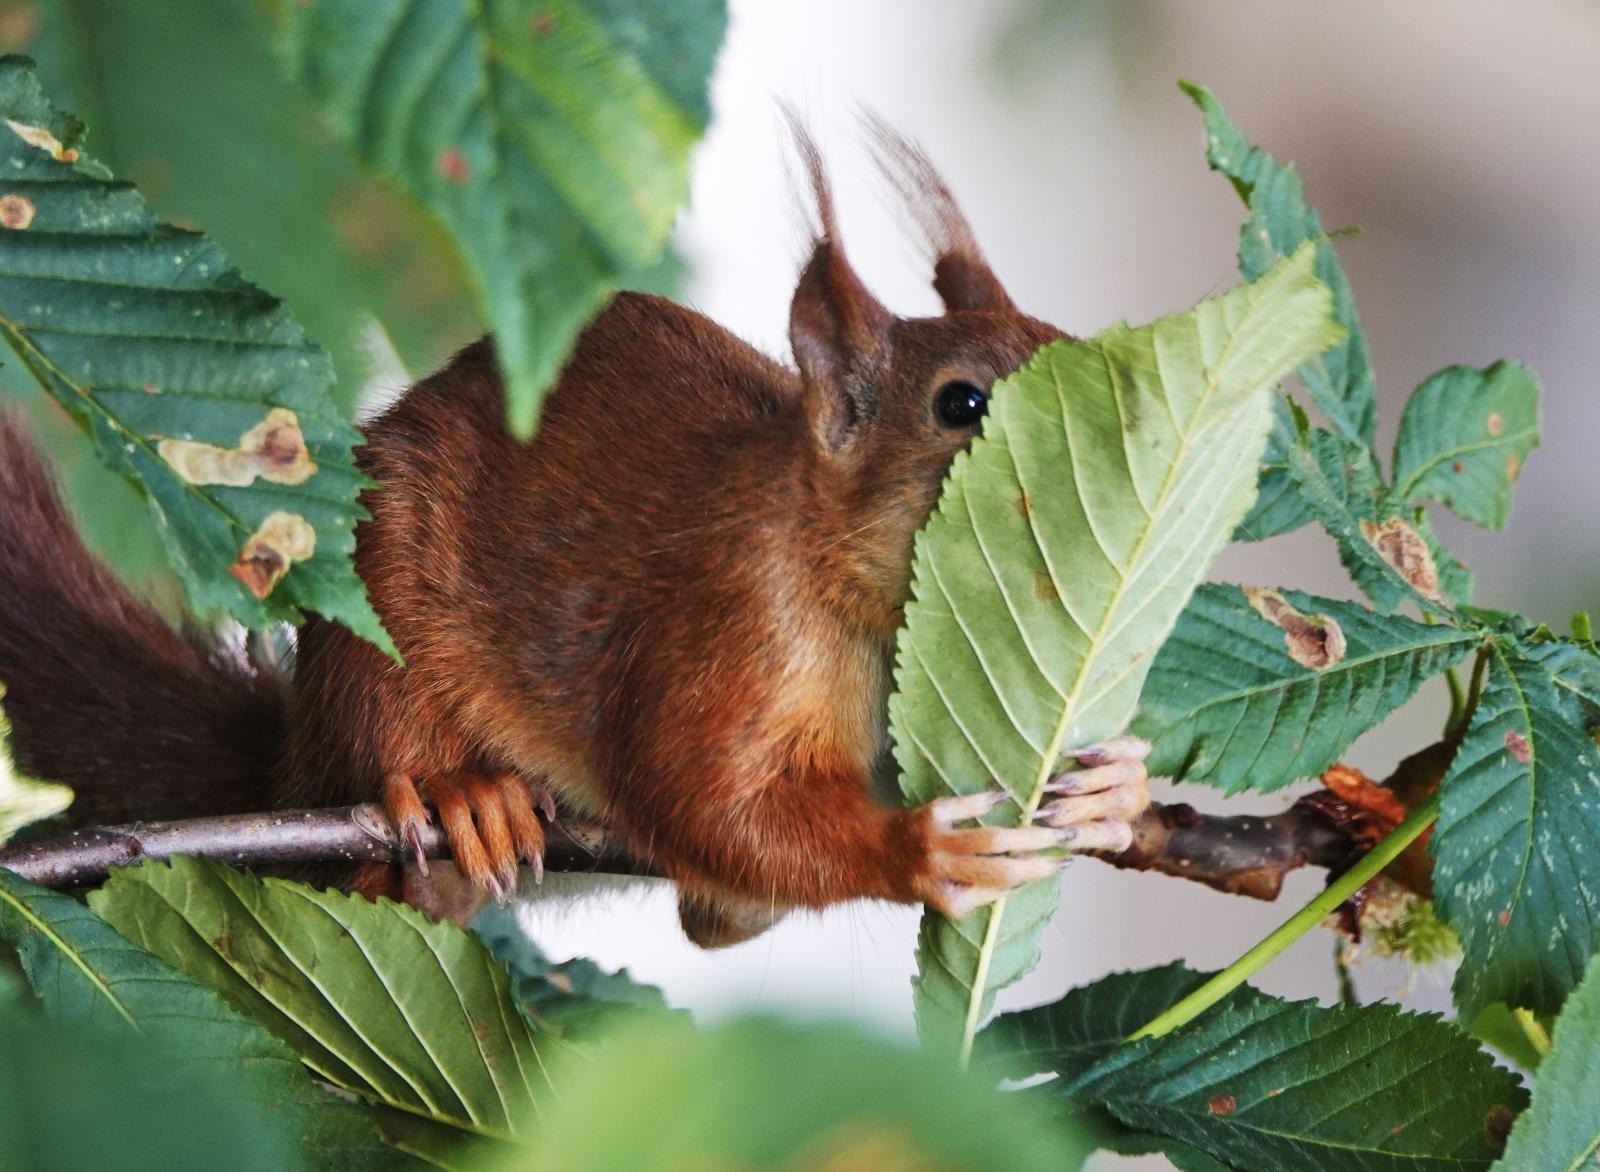 Wiewiórka w parku fot.  EPA/MAURITZ ANTIN